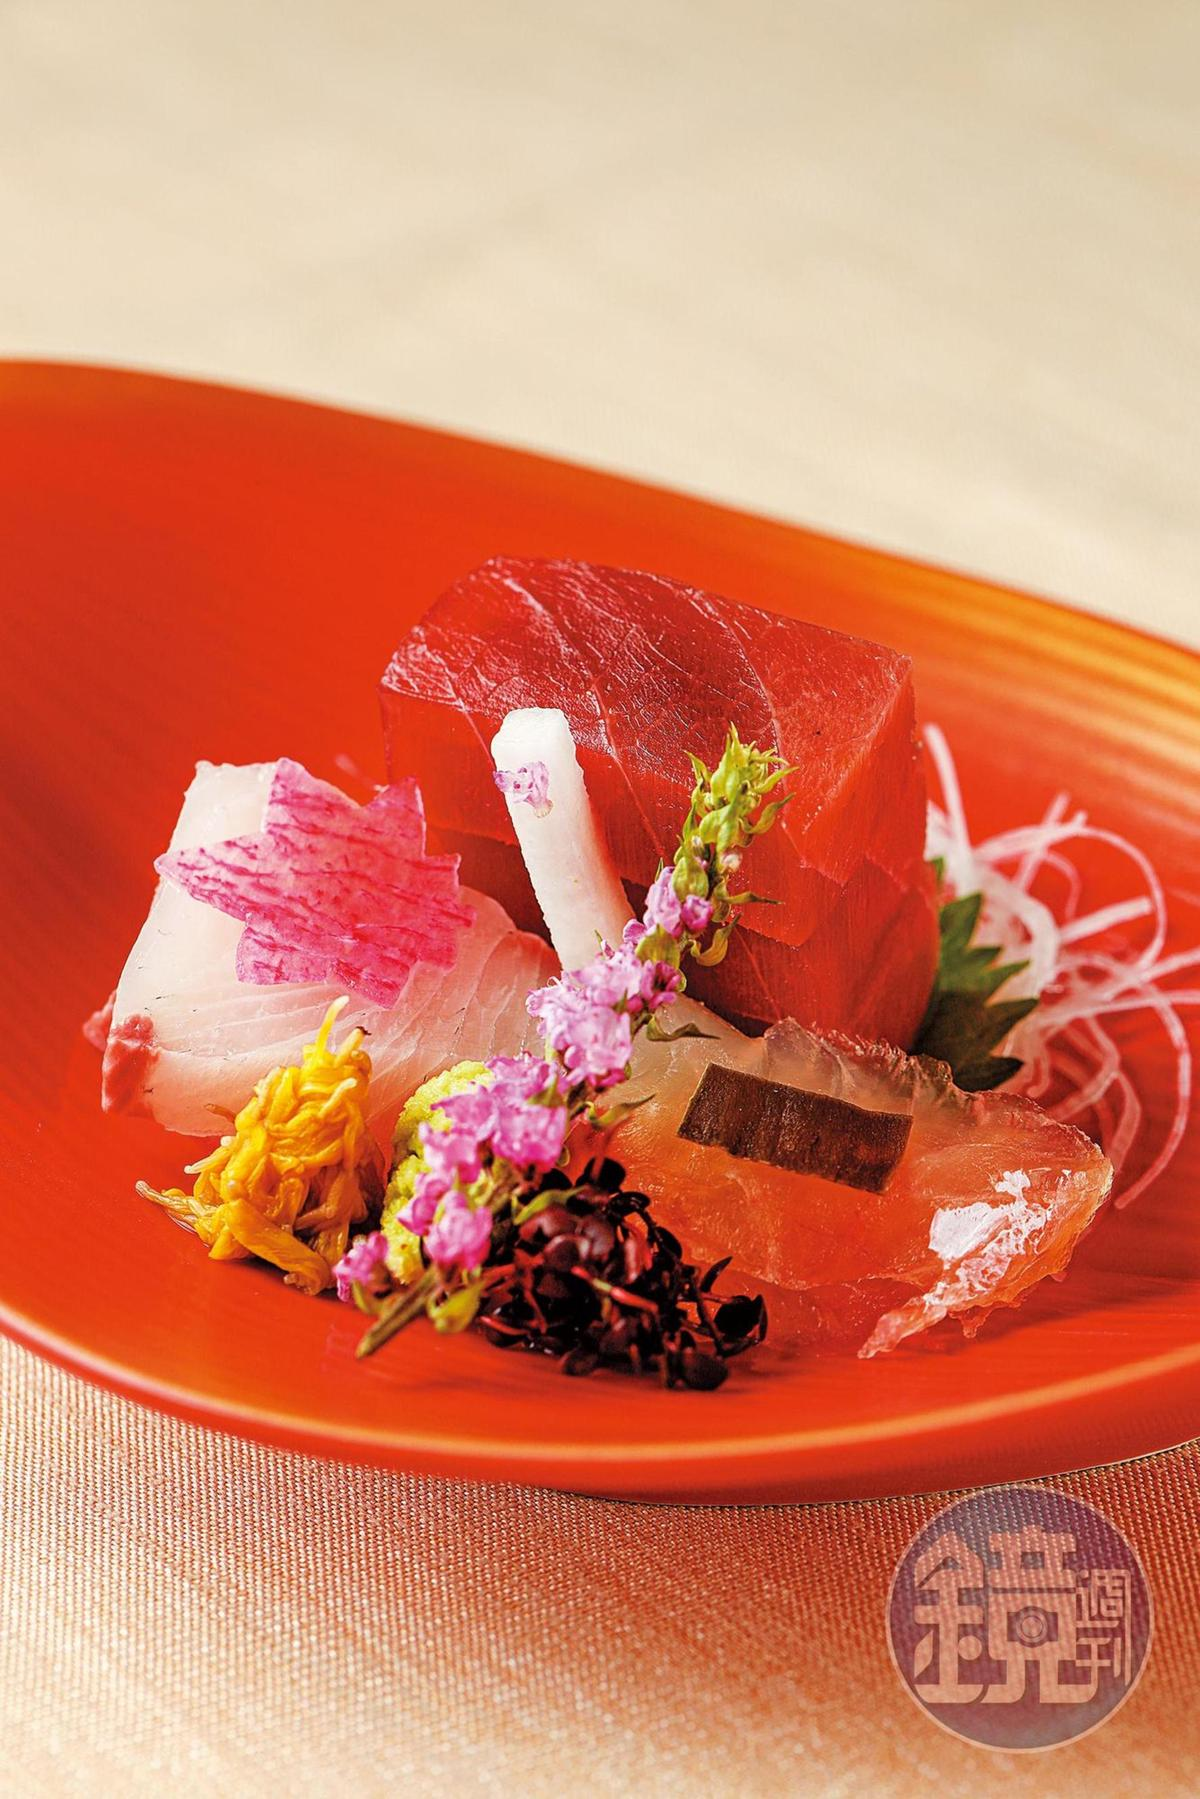 3種生魚片的鮮度都不錯,入口甘美。